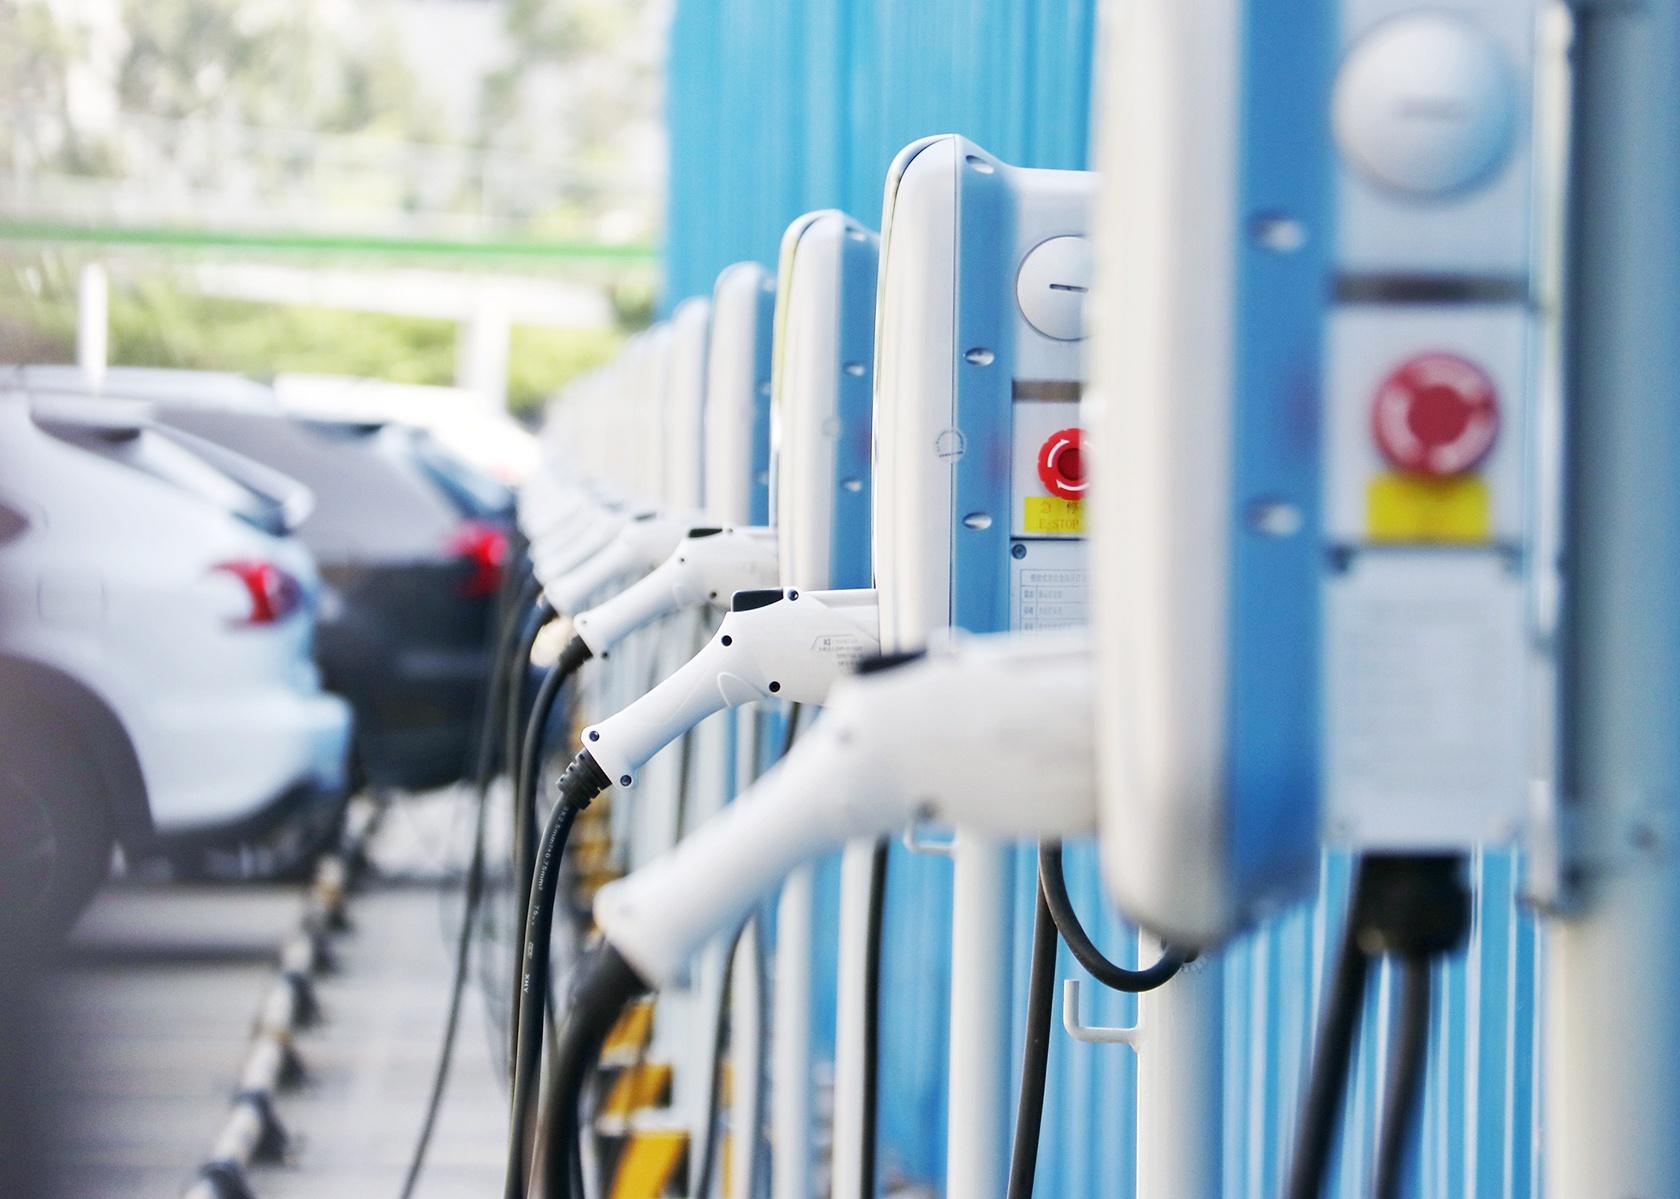 新能源汽车未来十五年规划通过 行业利好下仍存哪些短板?